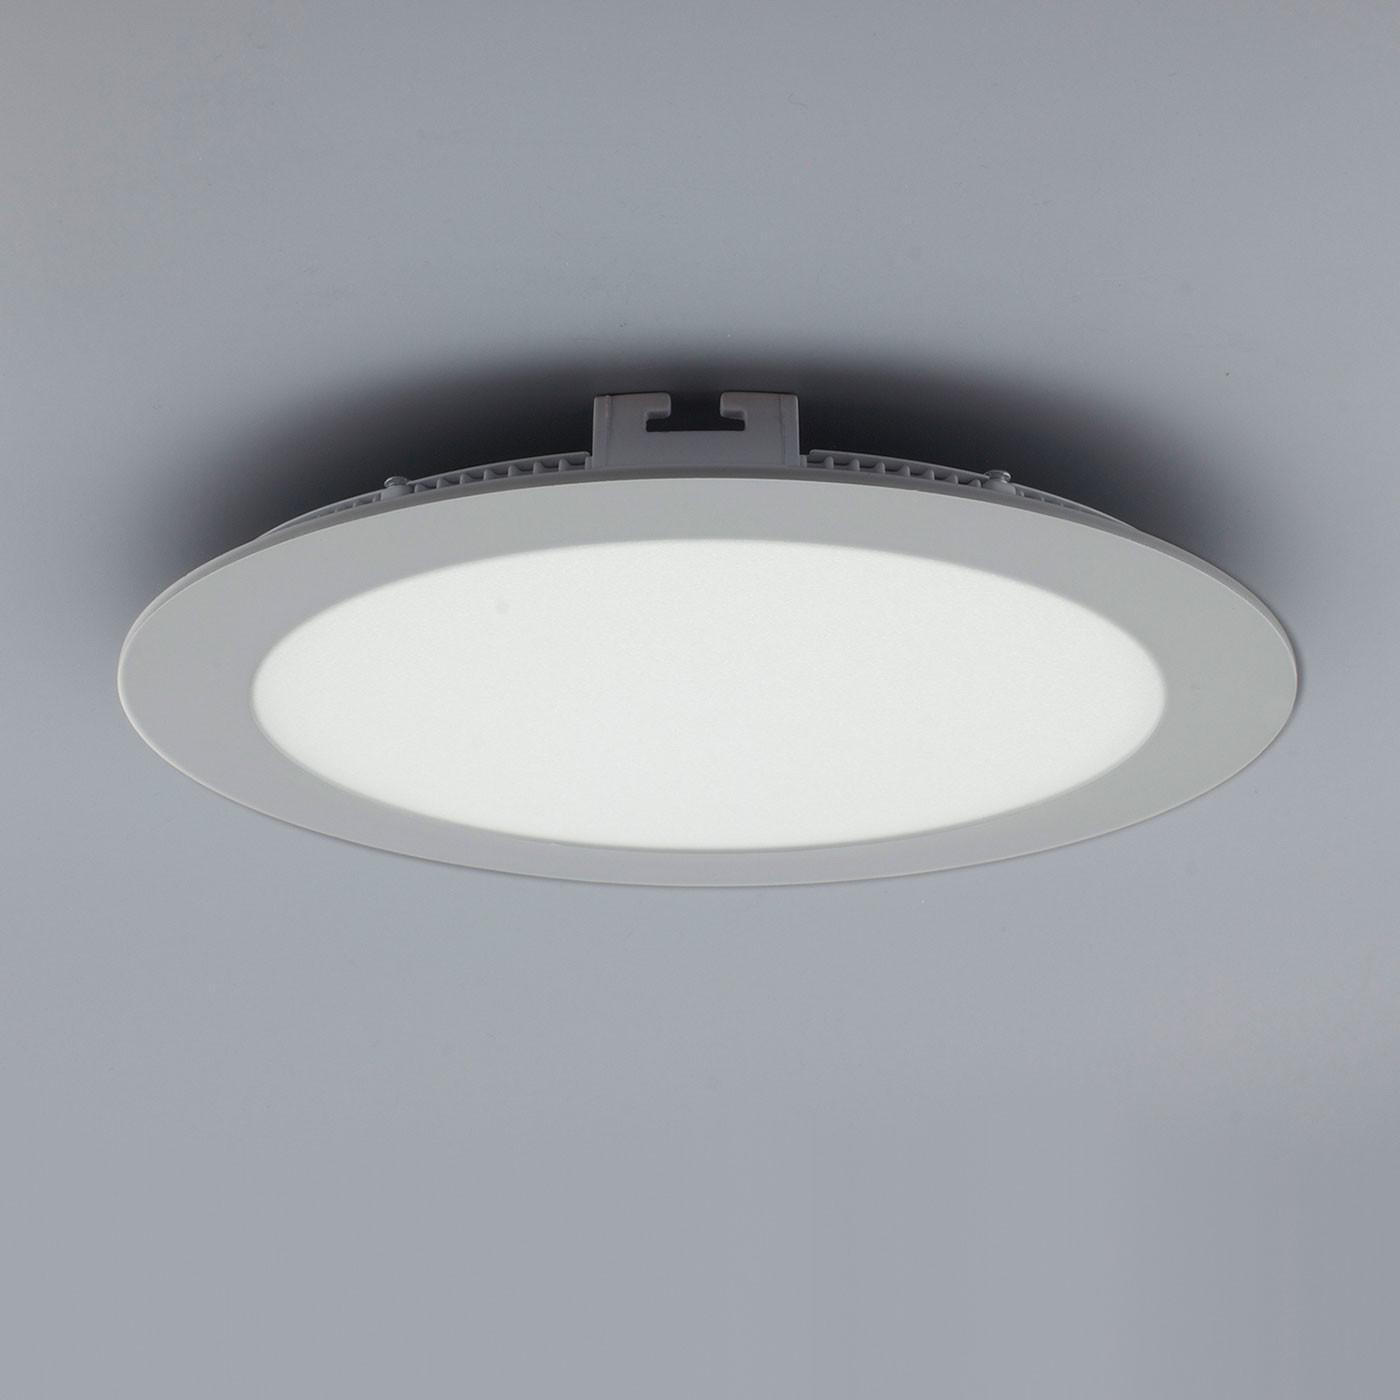 licht design 30567 einbau led panel 1440 lumen 22 cm kalt silber kaufen bei licht. Black Bedroom Furniture Sets. Home Design Ideas